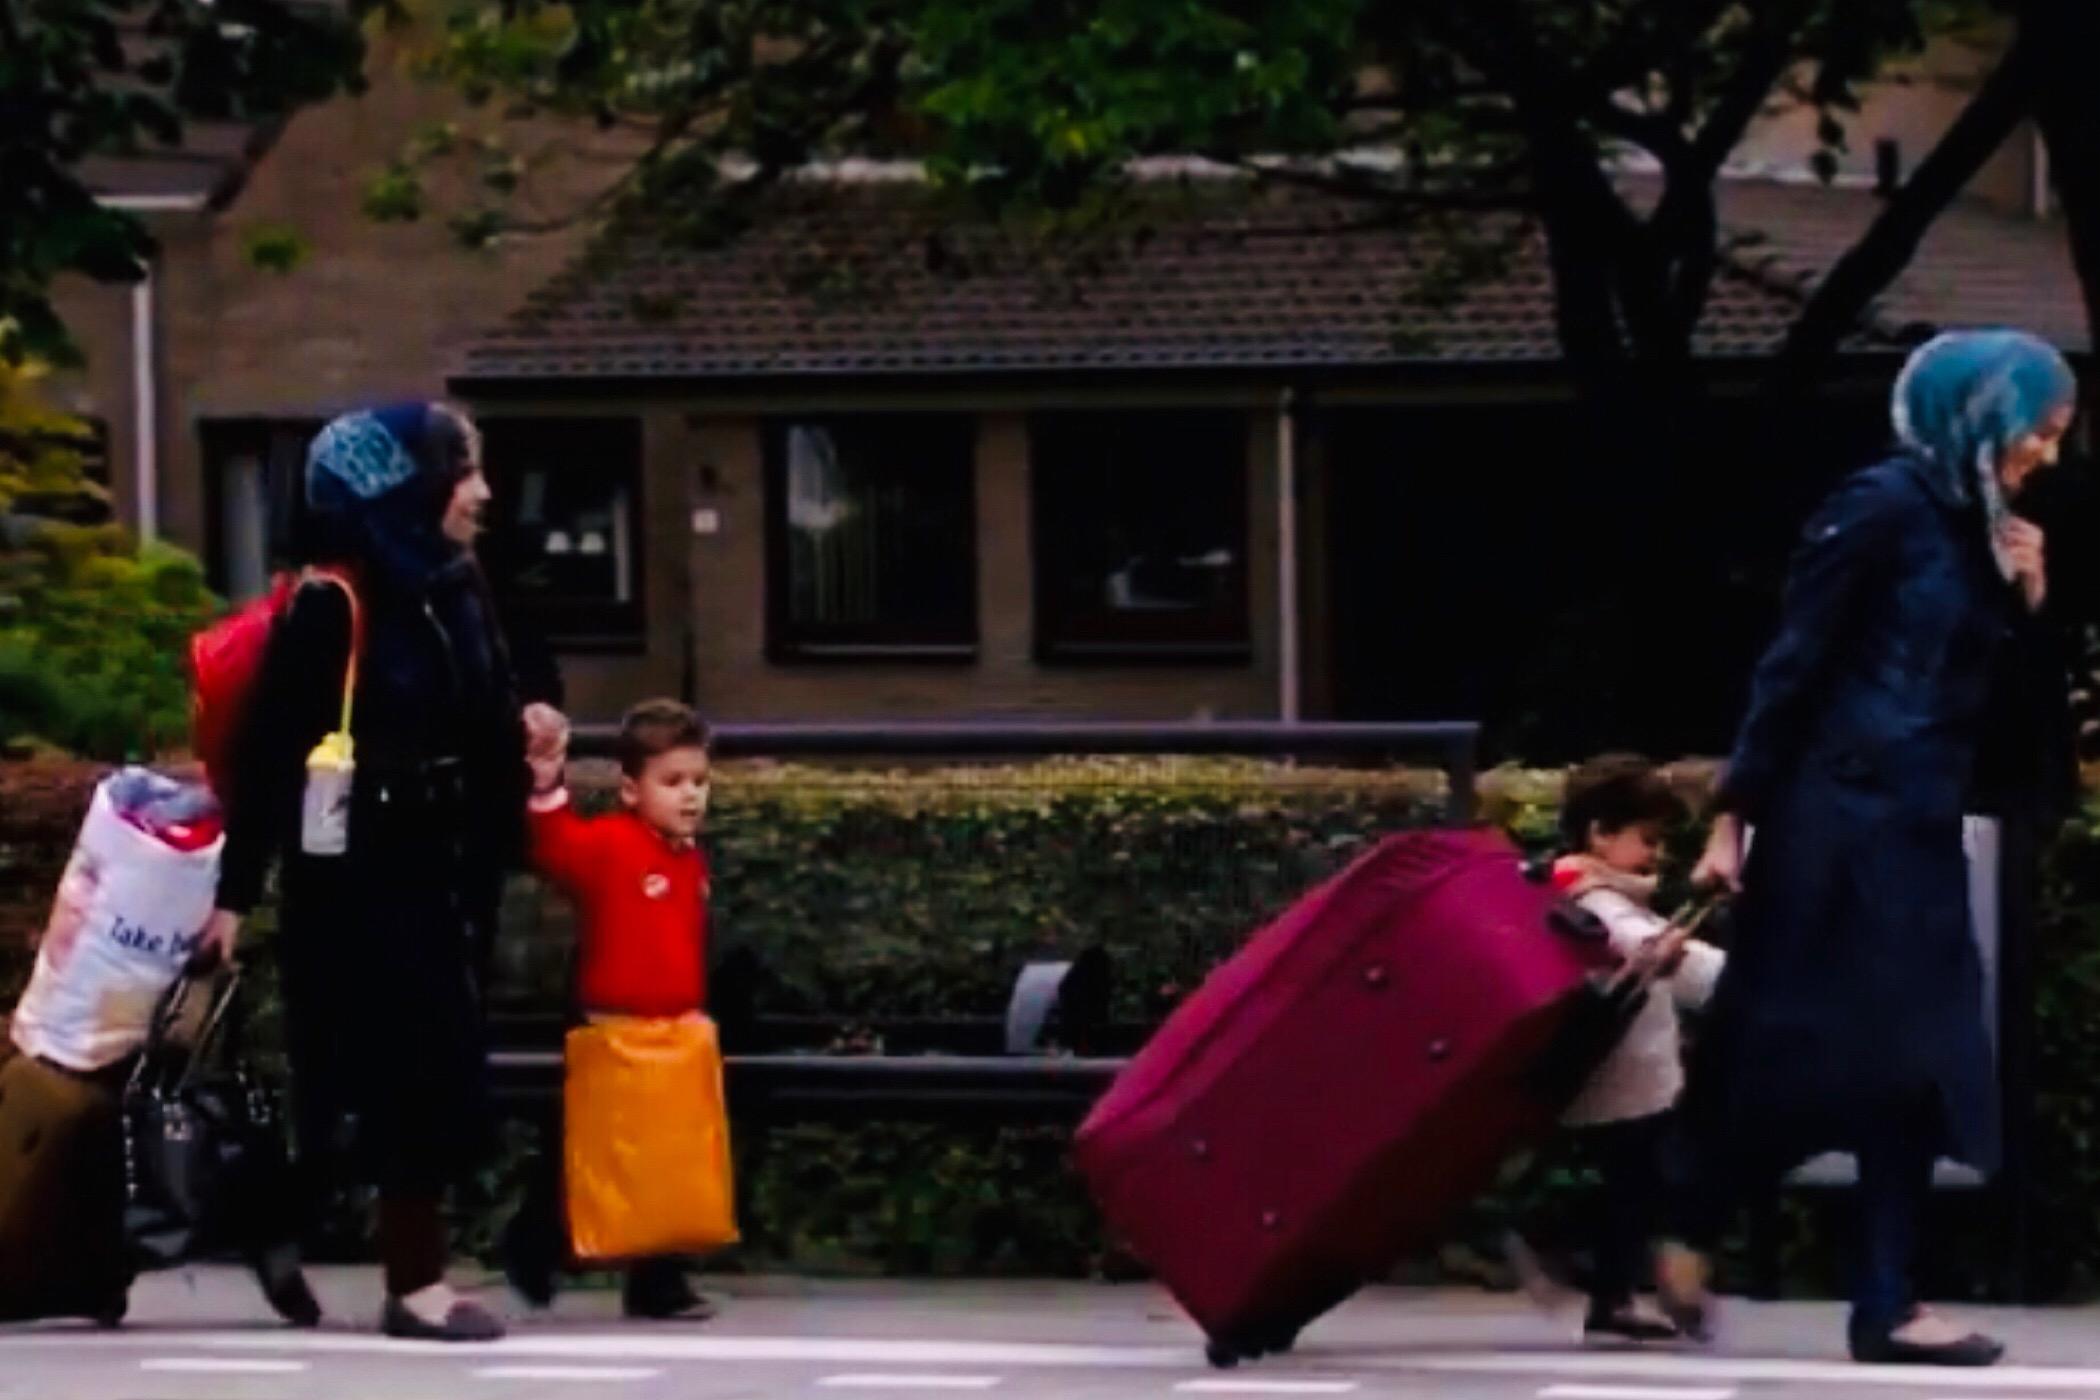 Pleidooi voor een rationeel immigratiebeleid Yorienvdh opiniez